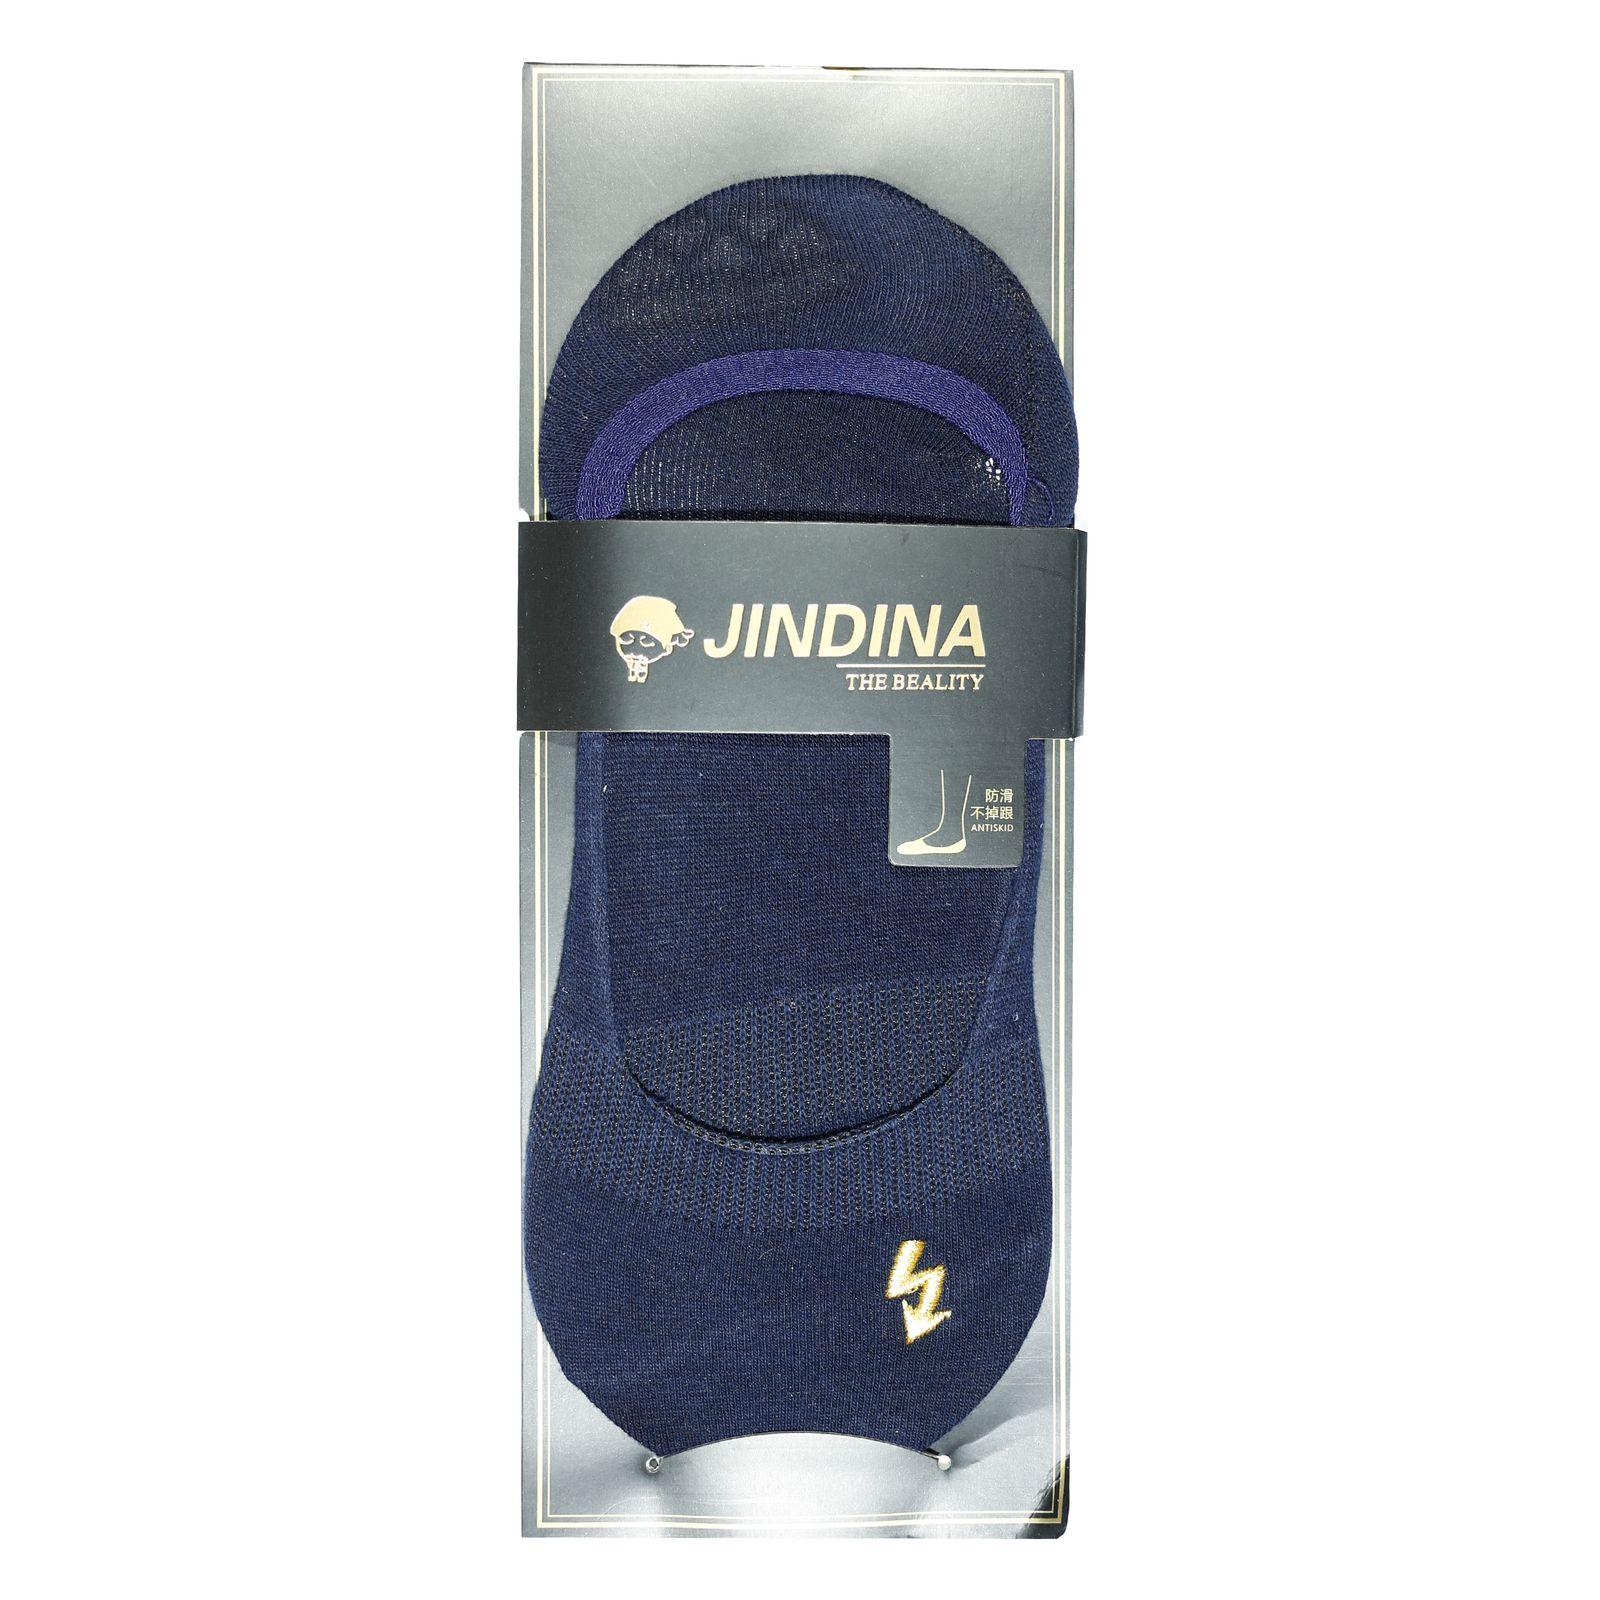 جوراب مردانه جین دینا کد BL-CK 201 مجموعه 3 عددی -  - 5